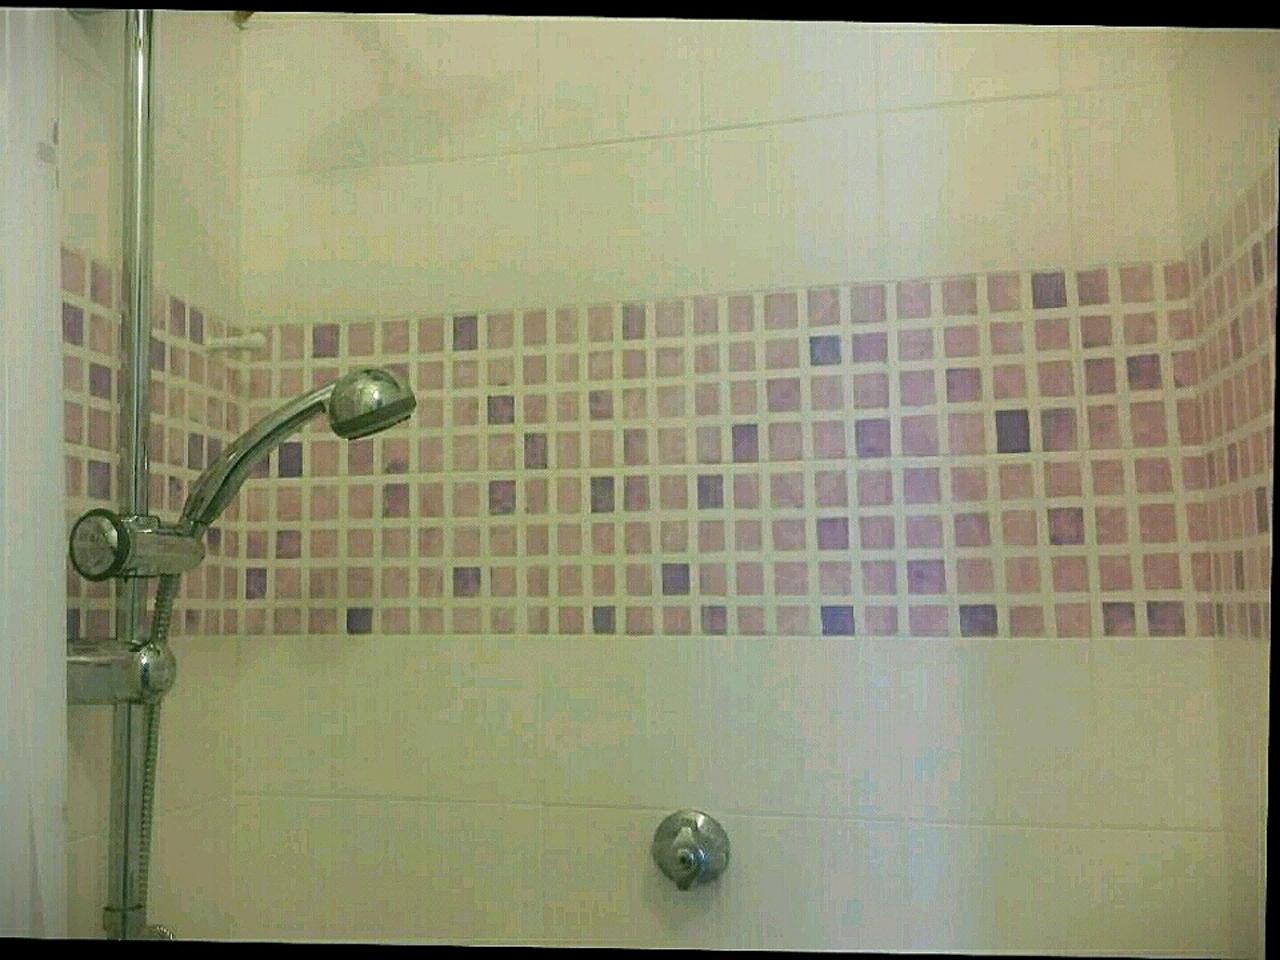 Rinnovare le piastrelle del bagno video tutorial da rinnovare le